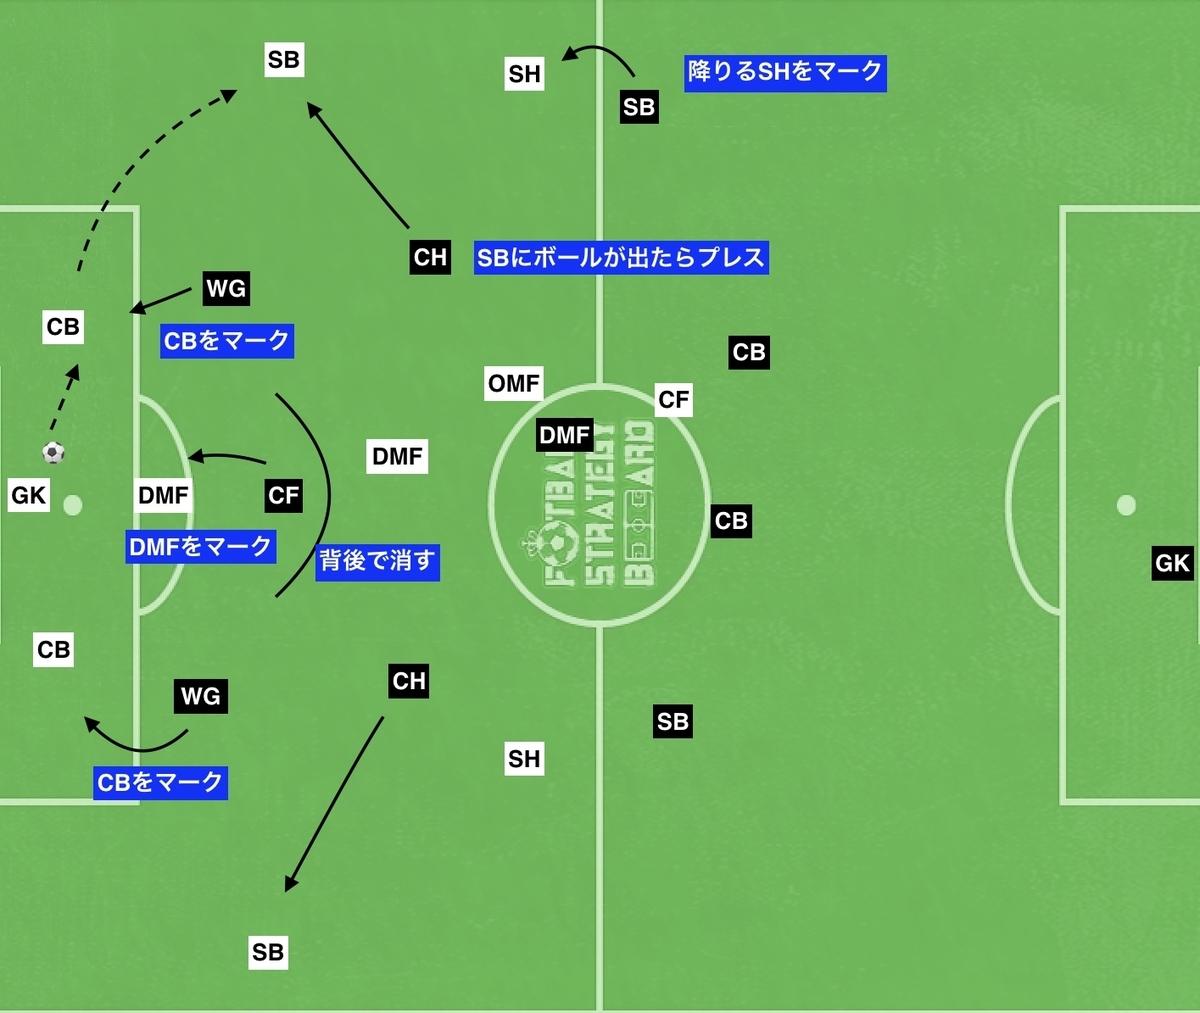 f:id:football-analyst:20190902211541j:plain